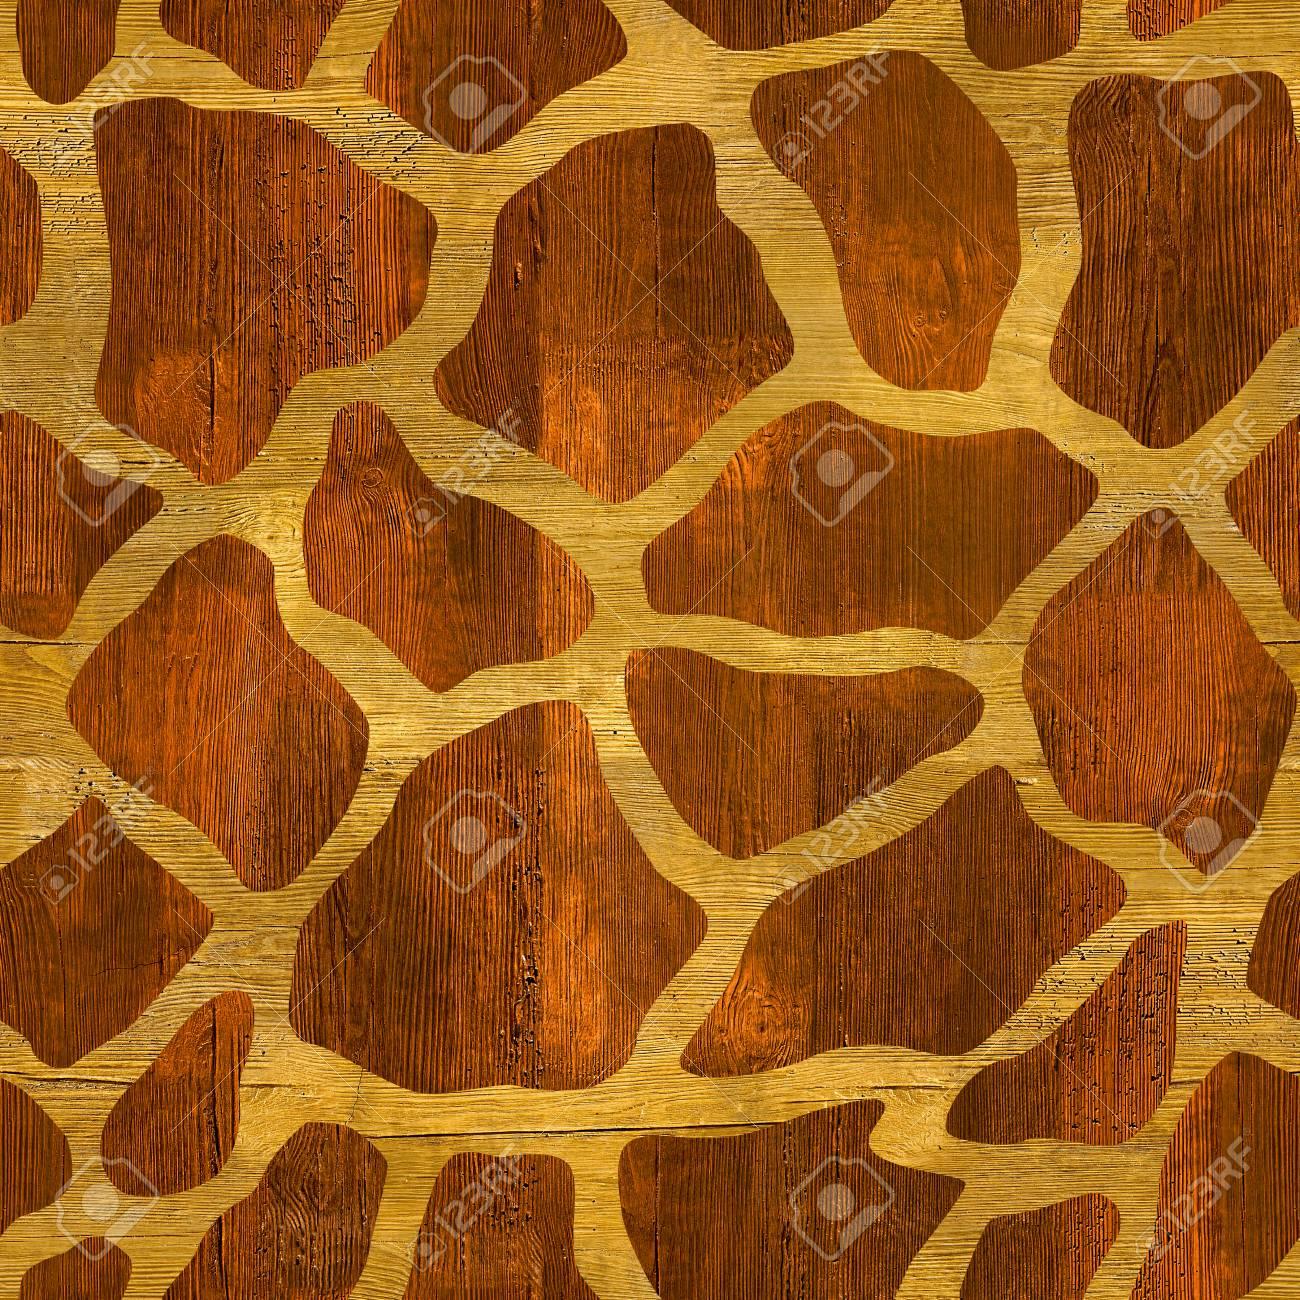 抽象的なキリン柄 シームレスな背景 木材表面 の写真素材 画像素材 Image